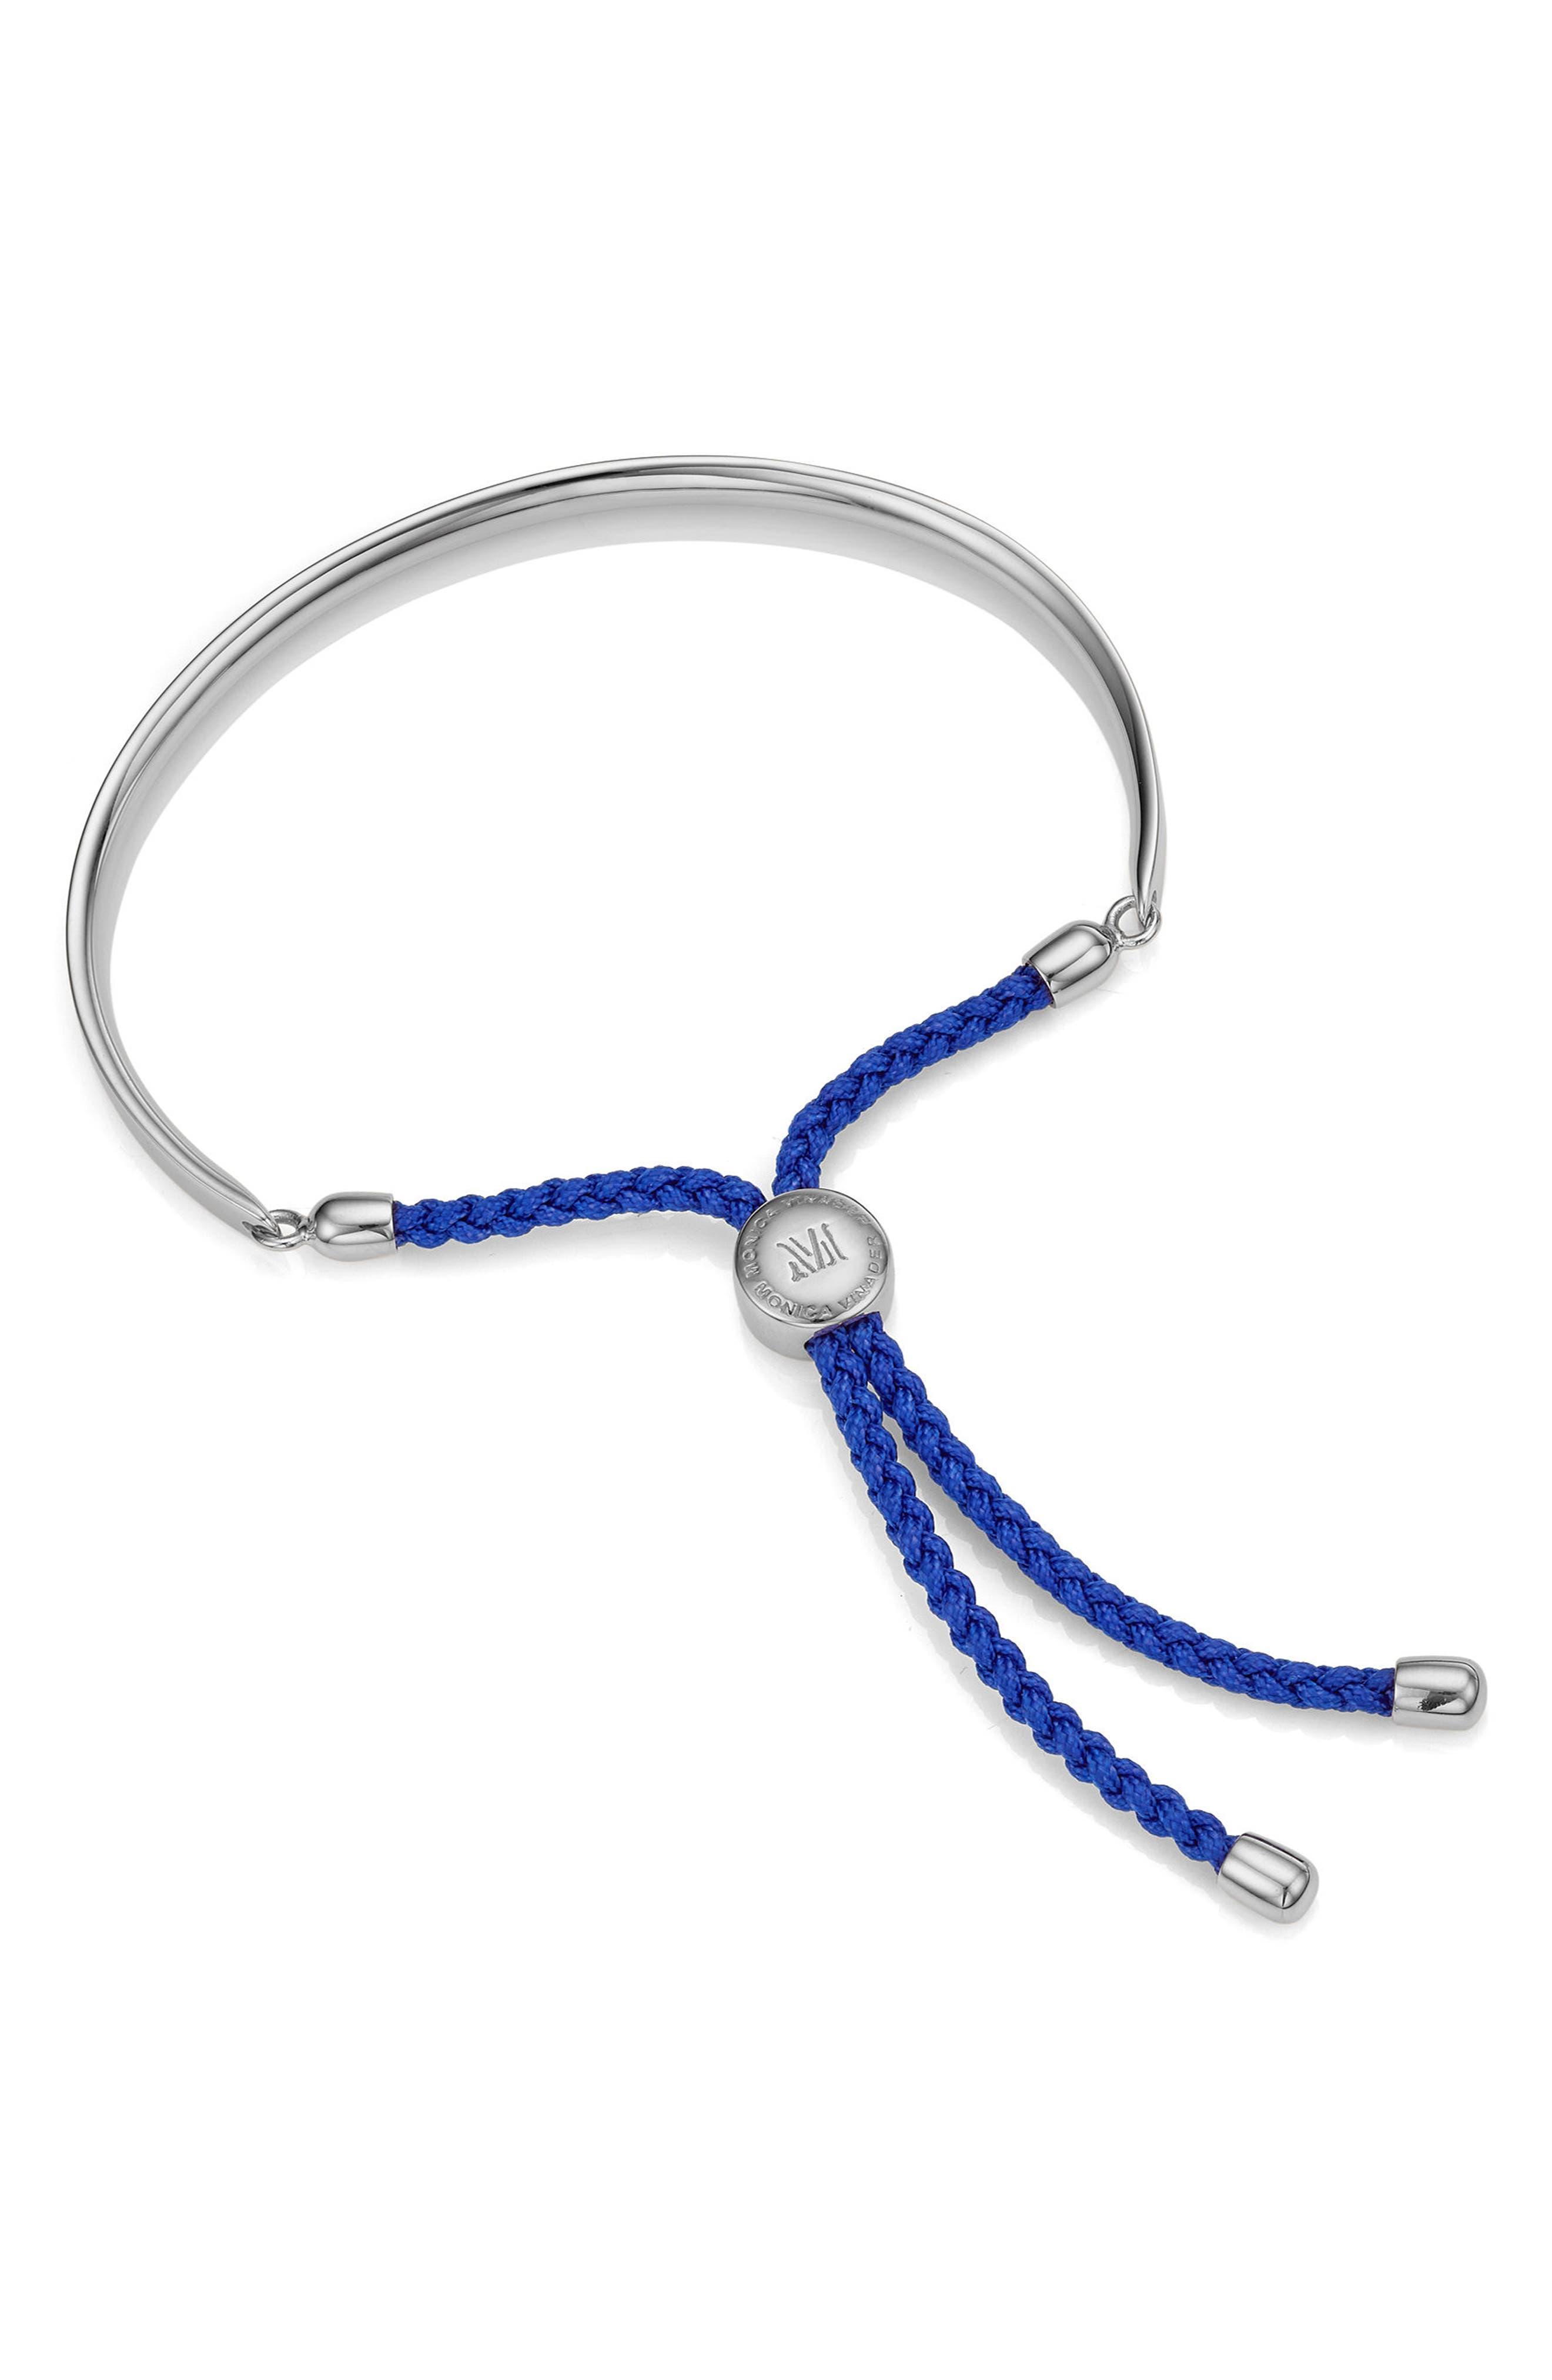 MONICA VINADER, Engravable Petite Fiji Friendship Bracelet, Main thumbnail 1, color, SILVER/ MAJORELLE BLUE